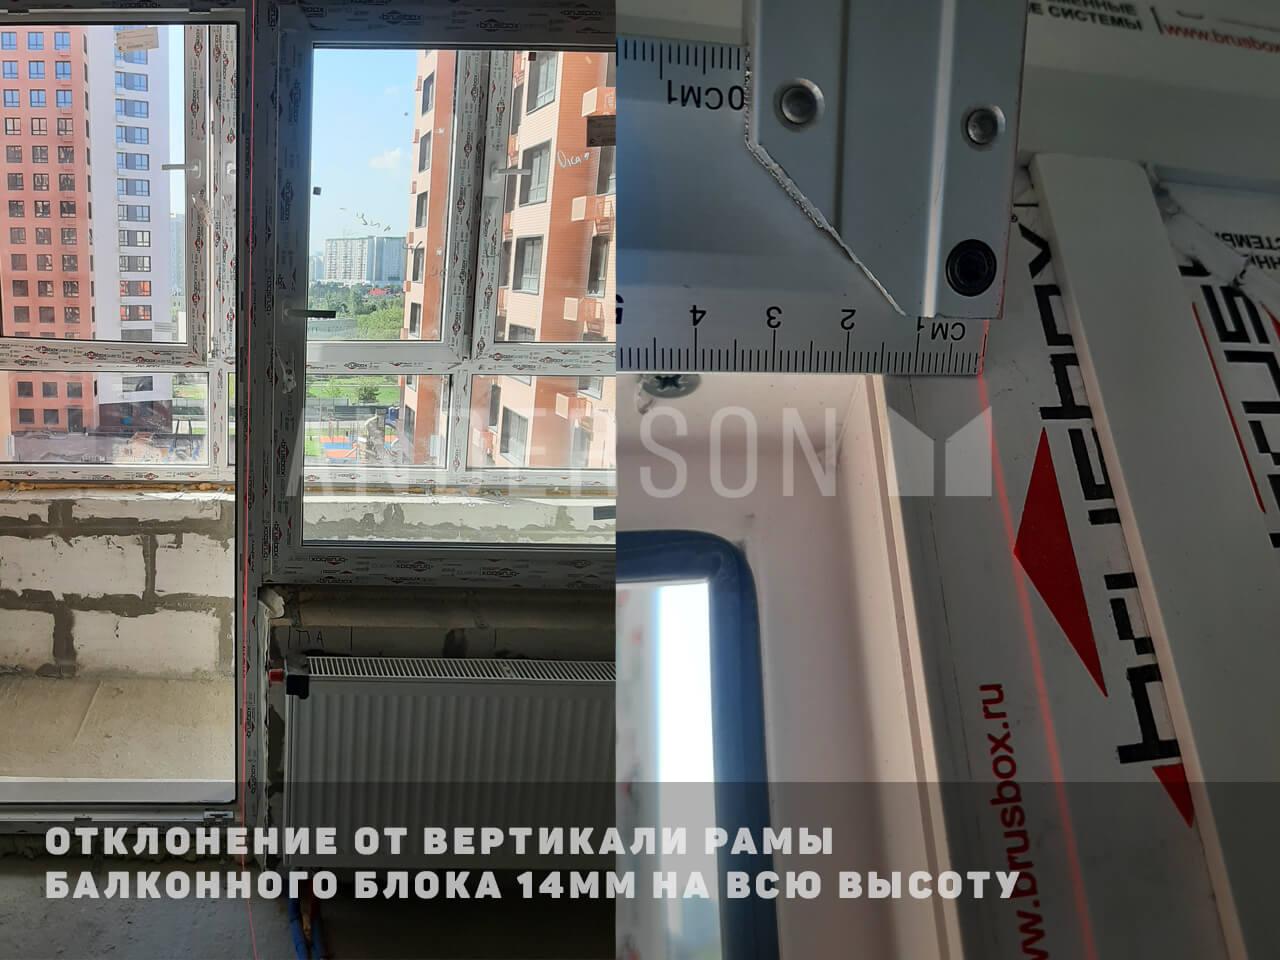 отклонение балконной рамы от вертикали